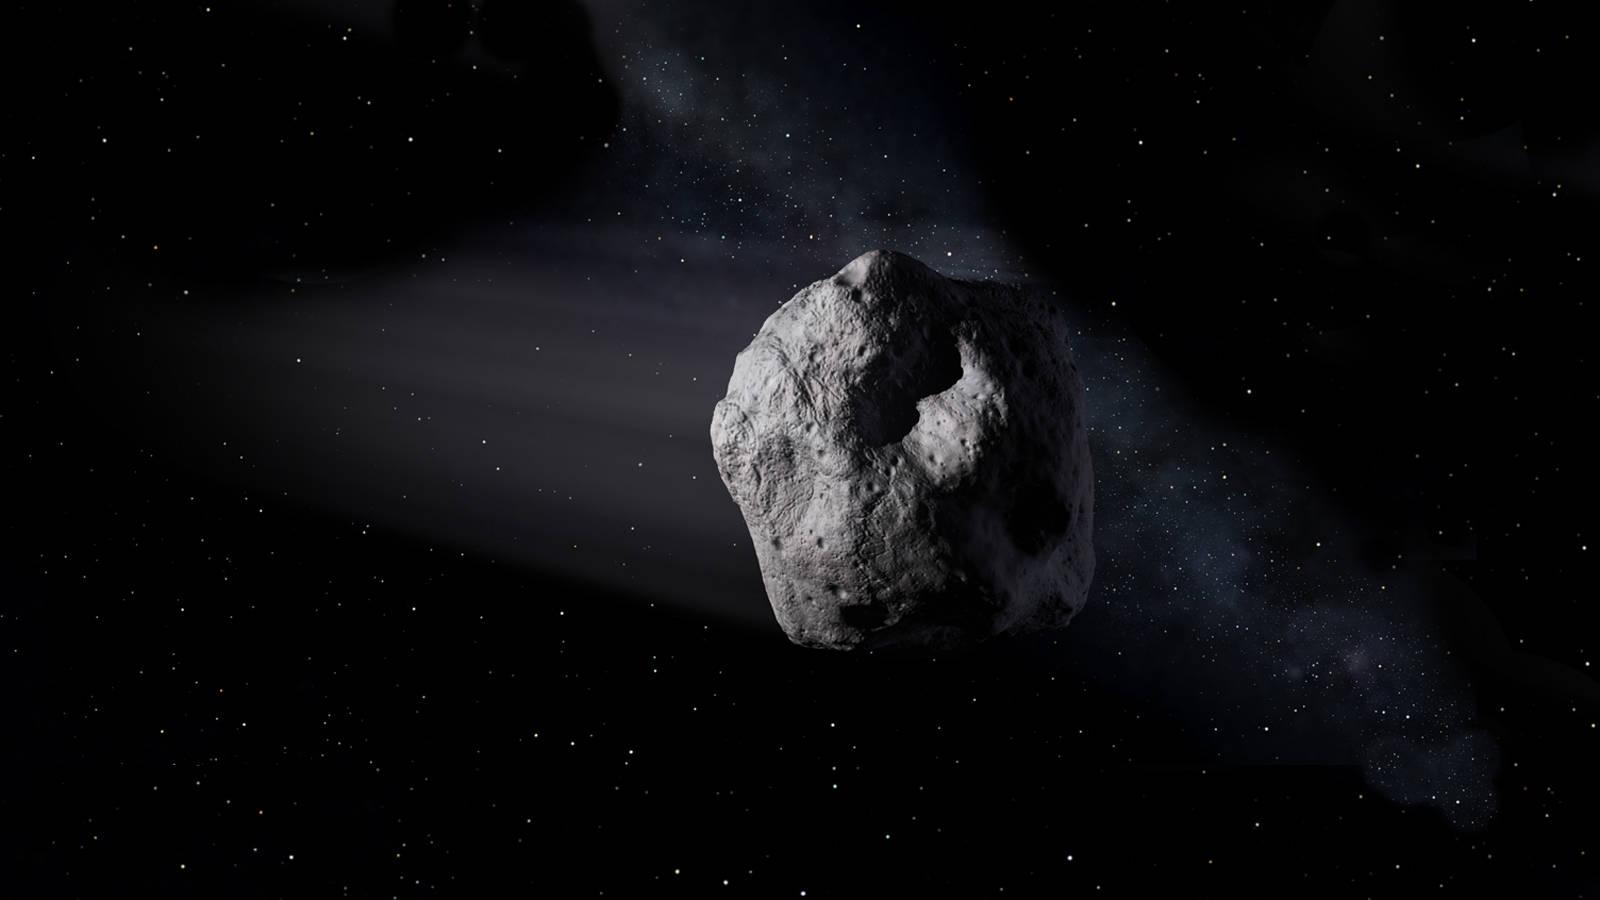 Все заради захисту Землі: у 2022 році об астероїд планують розбити космічний корабель - космос, астероїд, NASA - 19 asteroyd